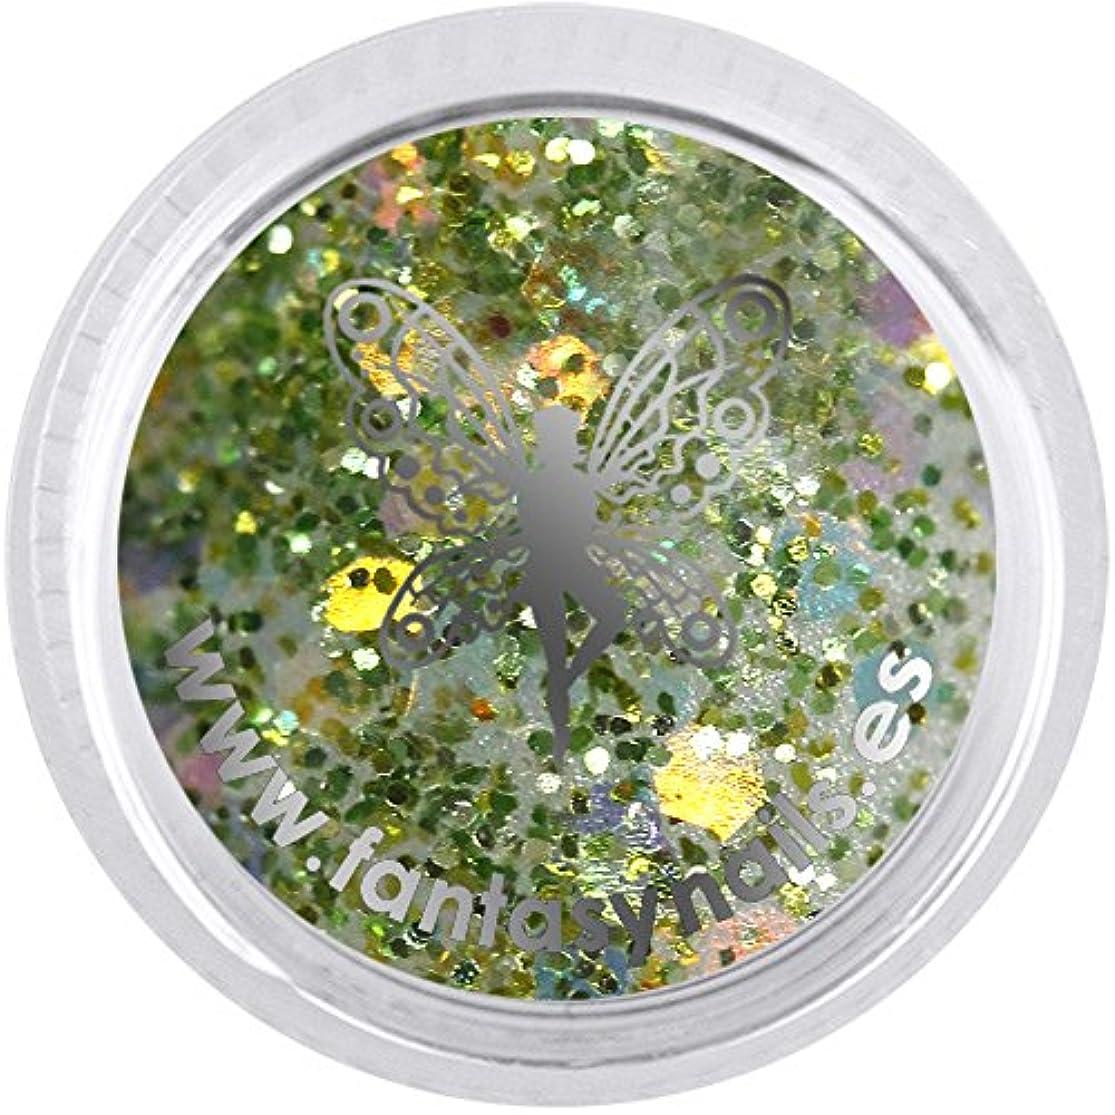 パンサー岩おじさんFANTASY NAIL トウキョウコレクション 3g 4226XS カラーパウダー アート材